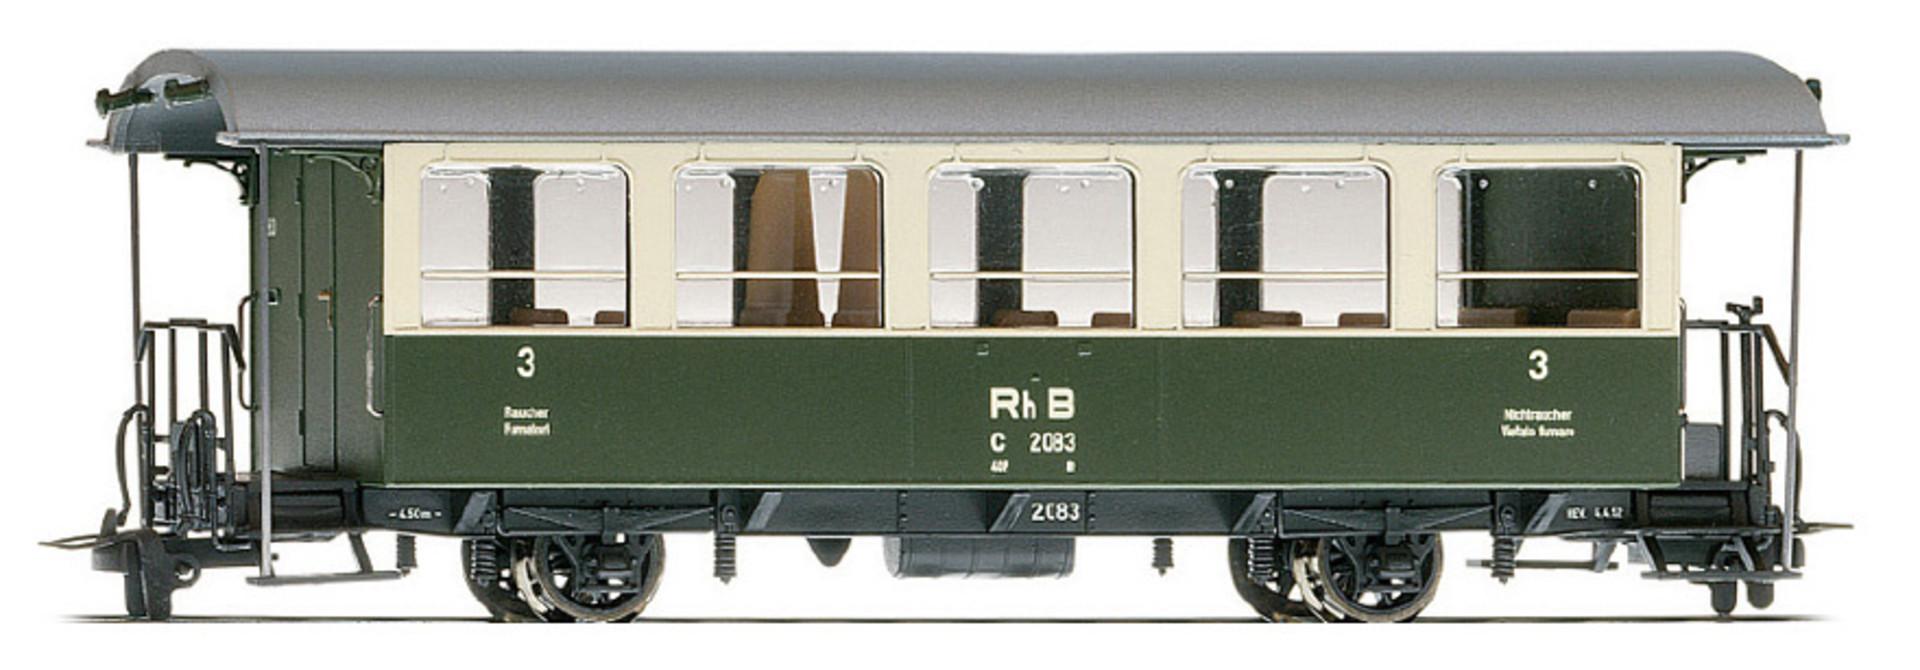 3238114 RhB C 2084 Zweiachser grün/beige